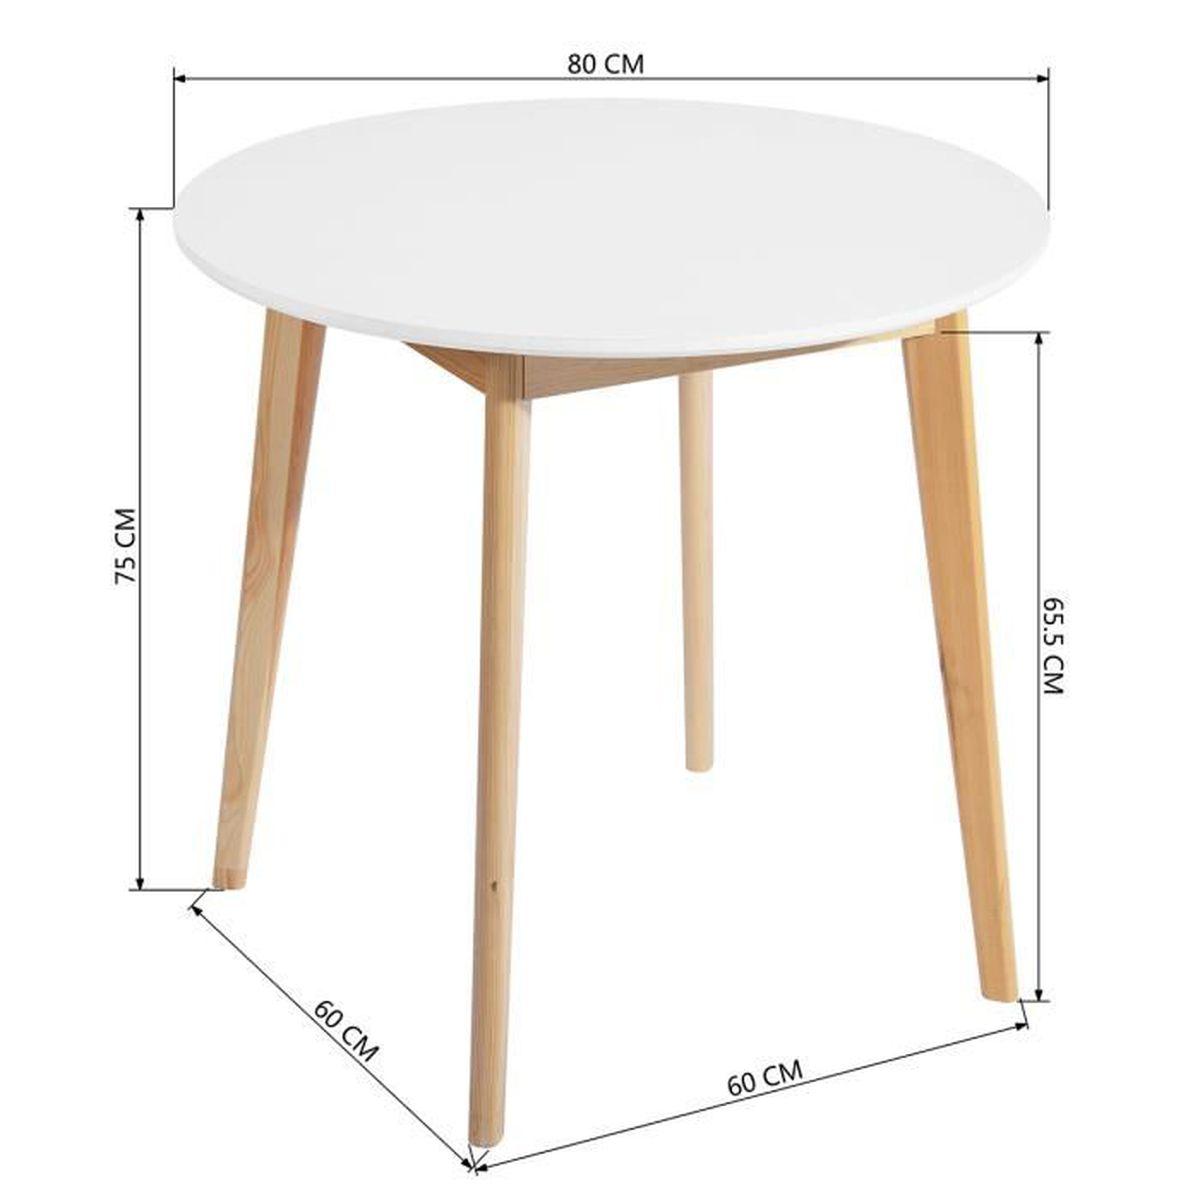 Yata Home Retro Table Blanche Salle a Manger Table /à Manger Ronde Table Basse de 2 /à 4 Personnes Scandinave Blanco et Pieds en Bois H/être 80x80x75cm